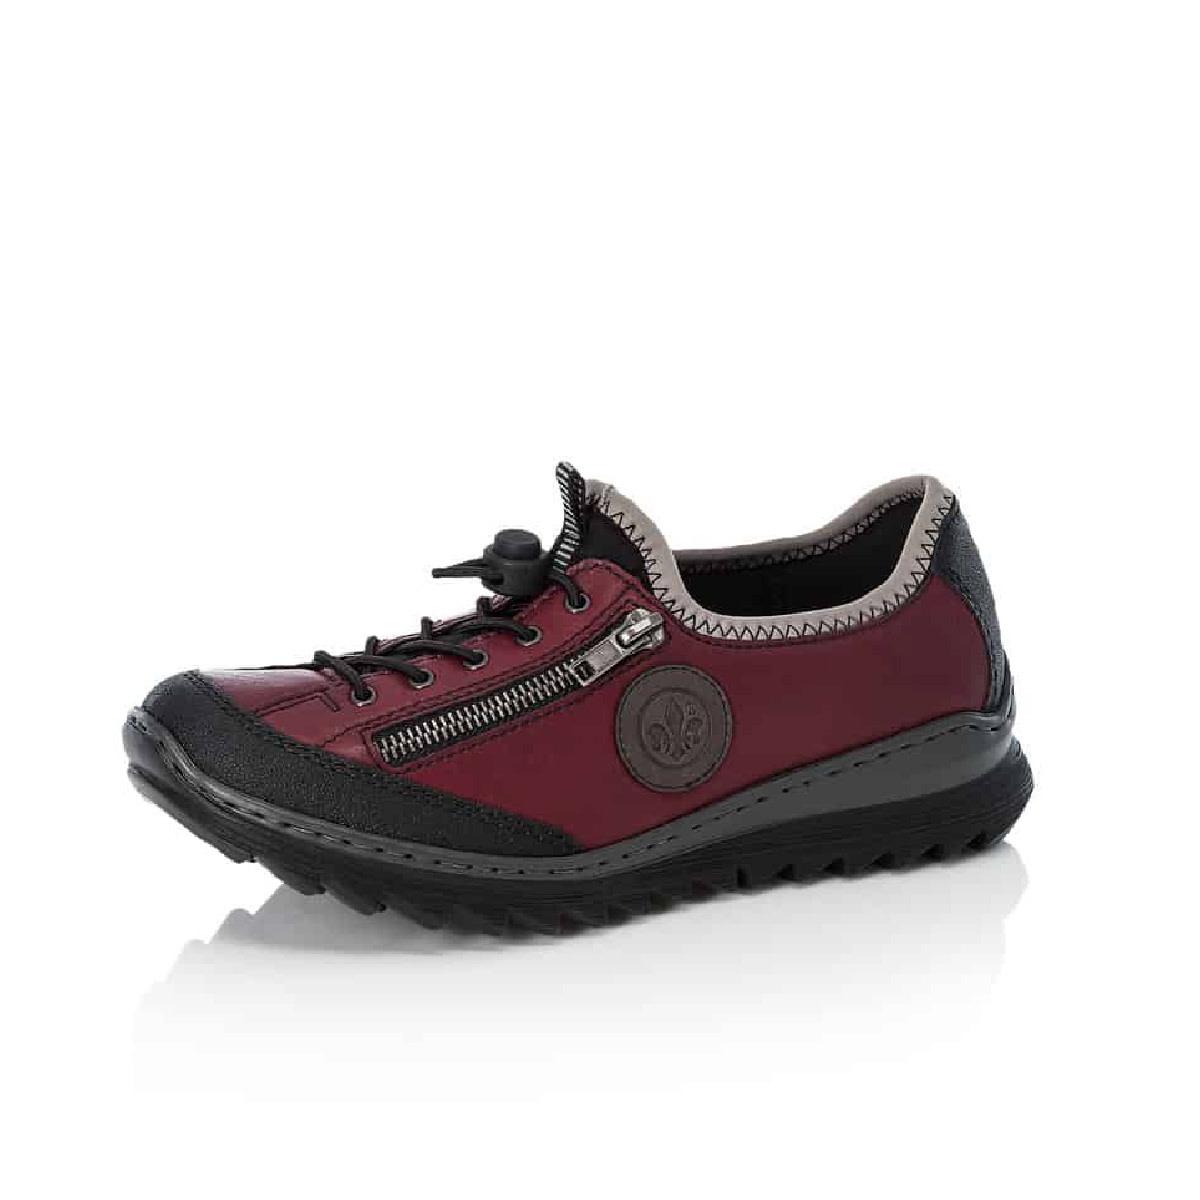 Rieker Rieker Women's Shoe M6269